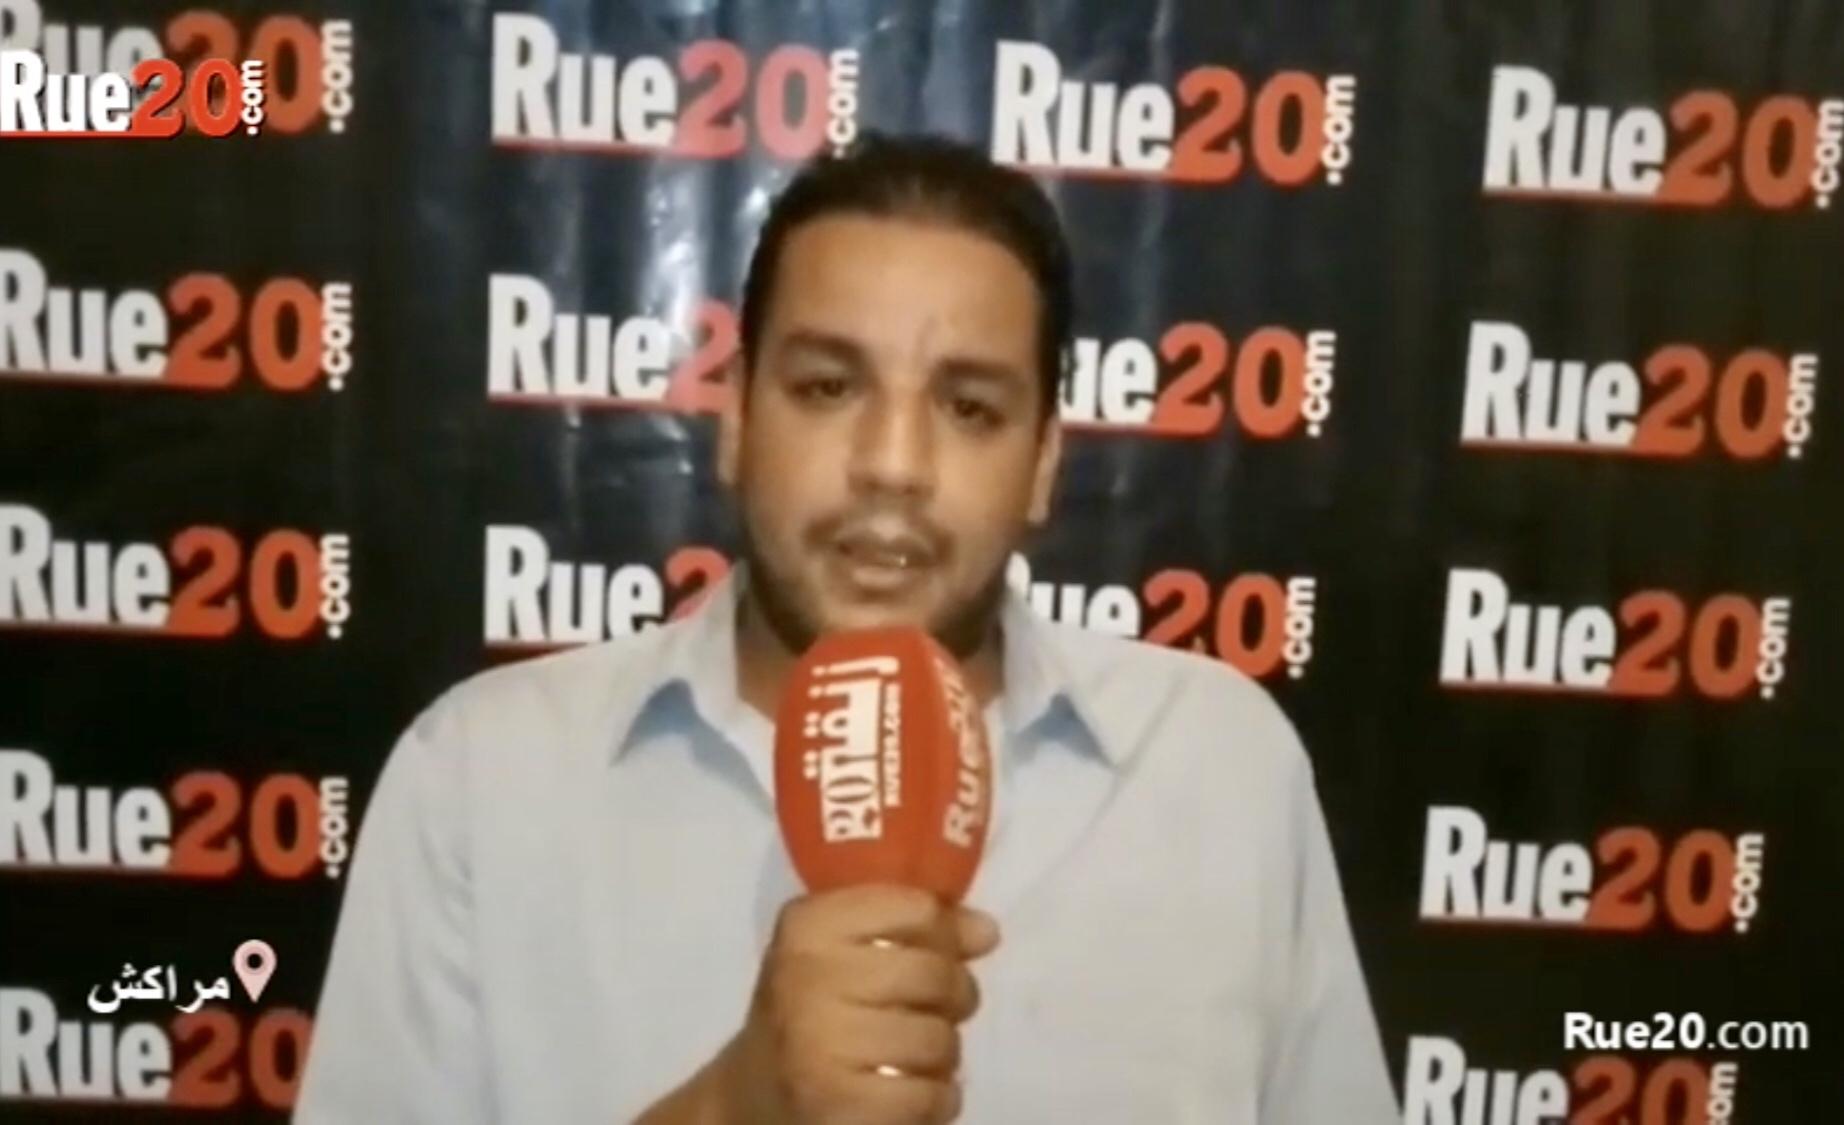 فيديو/حقوقي يدعو للتحقيق مع برلماني البيجيدي الذي حرّضٓ على الإرهاب